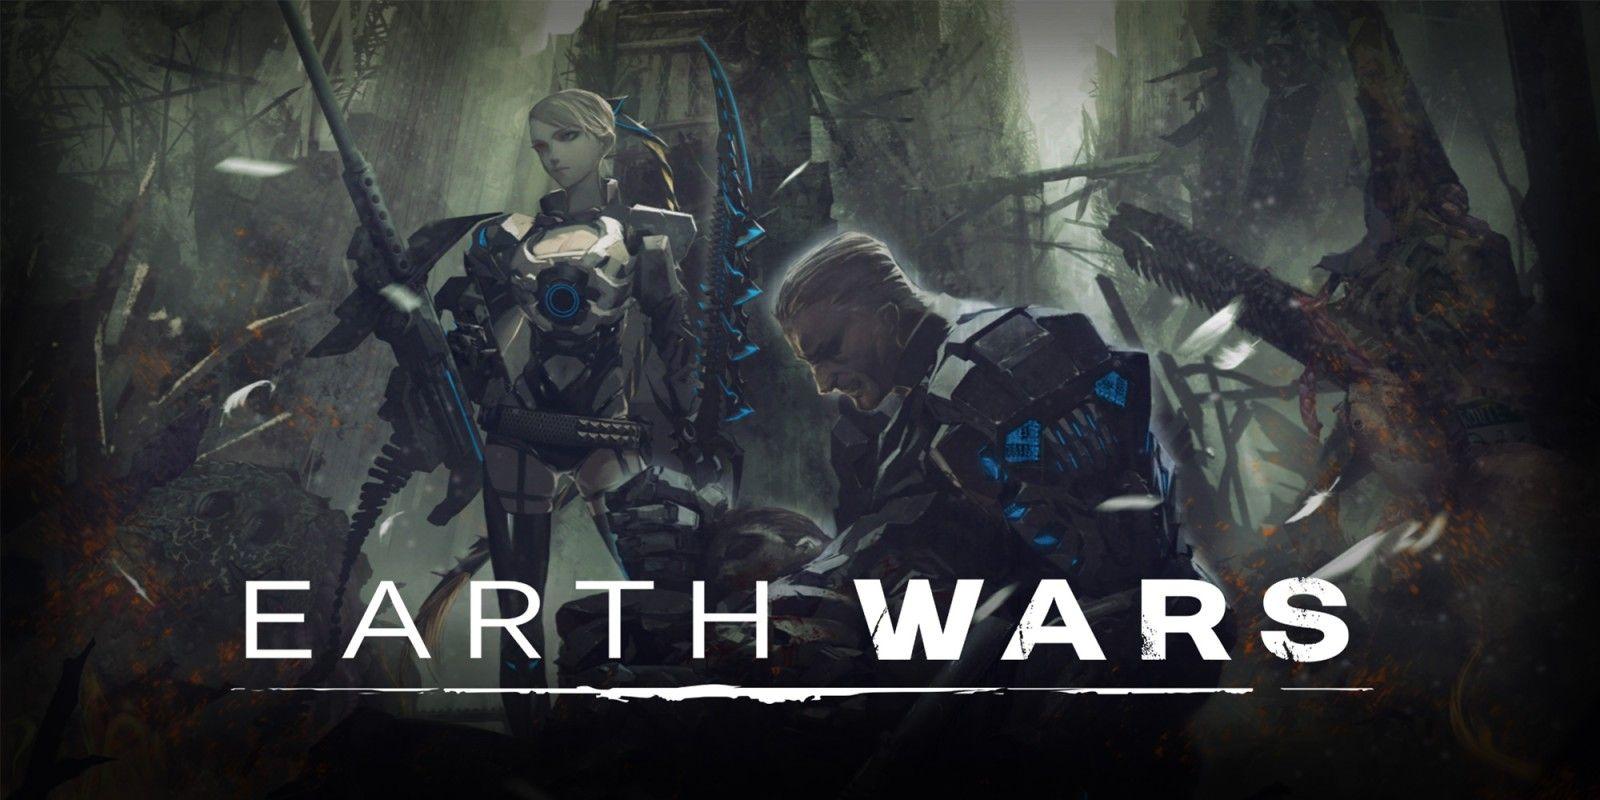 Earth Wars [Switch] £4.00. A.K.A Earths dawn @ Eshop